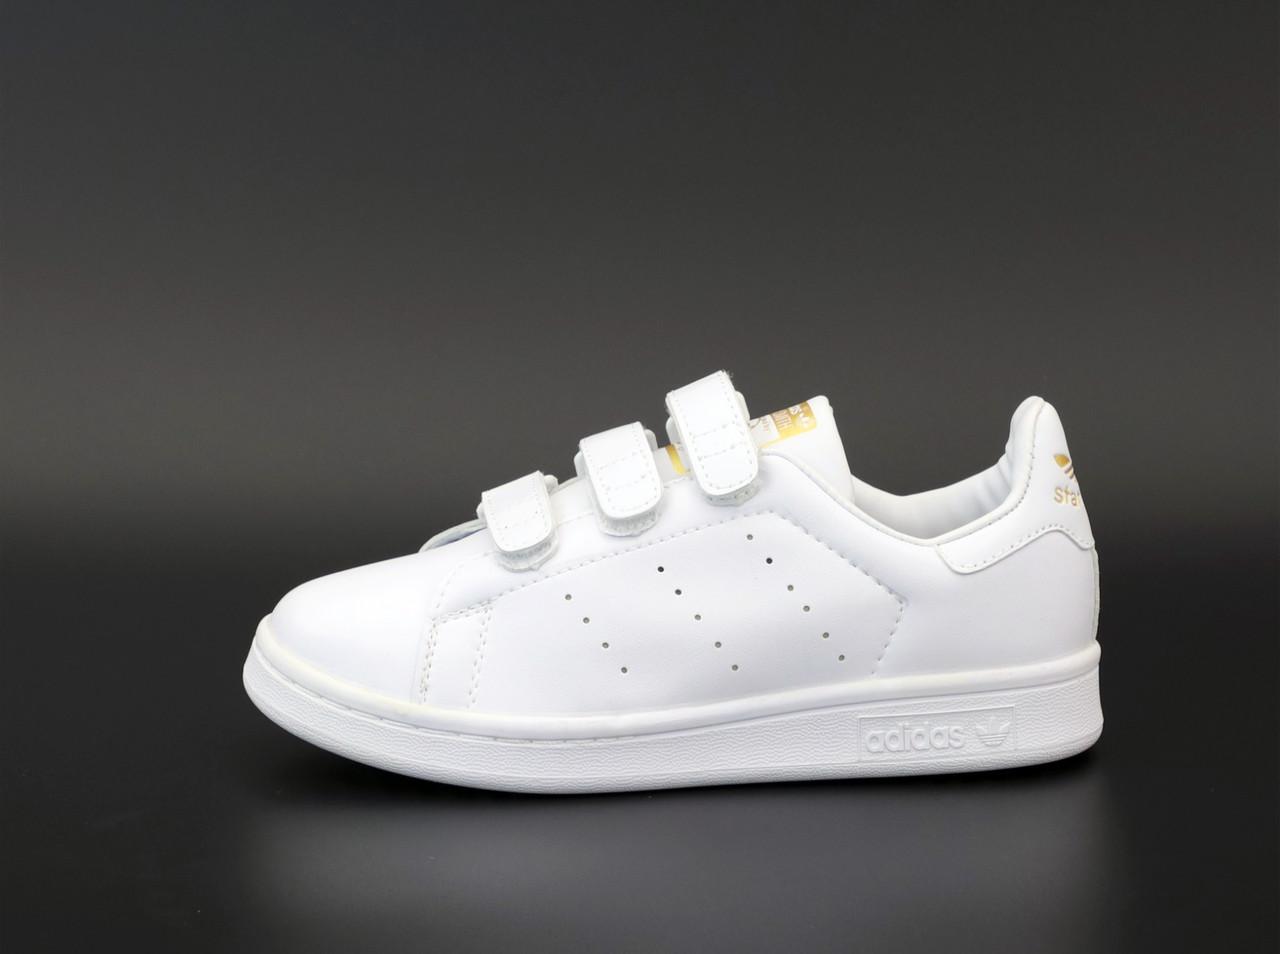 Жіночі кросівки Adidas Stan Smith в стилі стен сміт БІЛІ (Репліка ААА+)